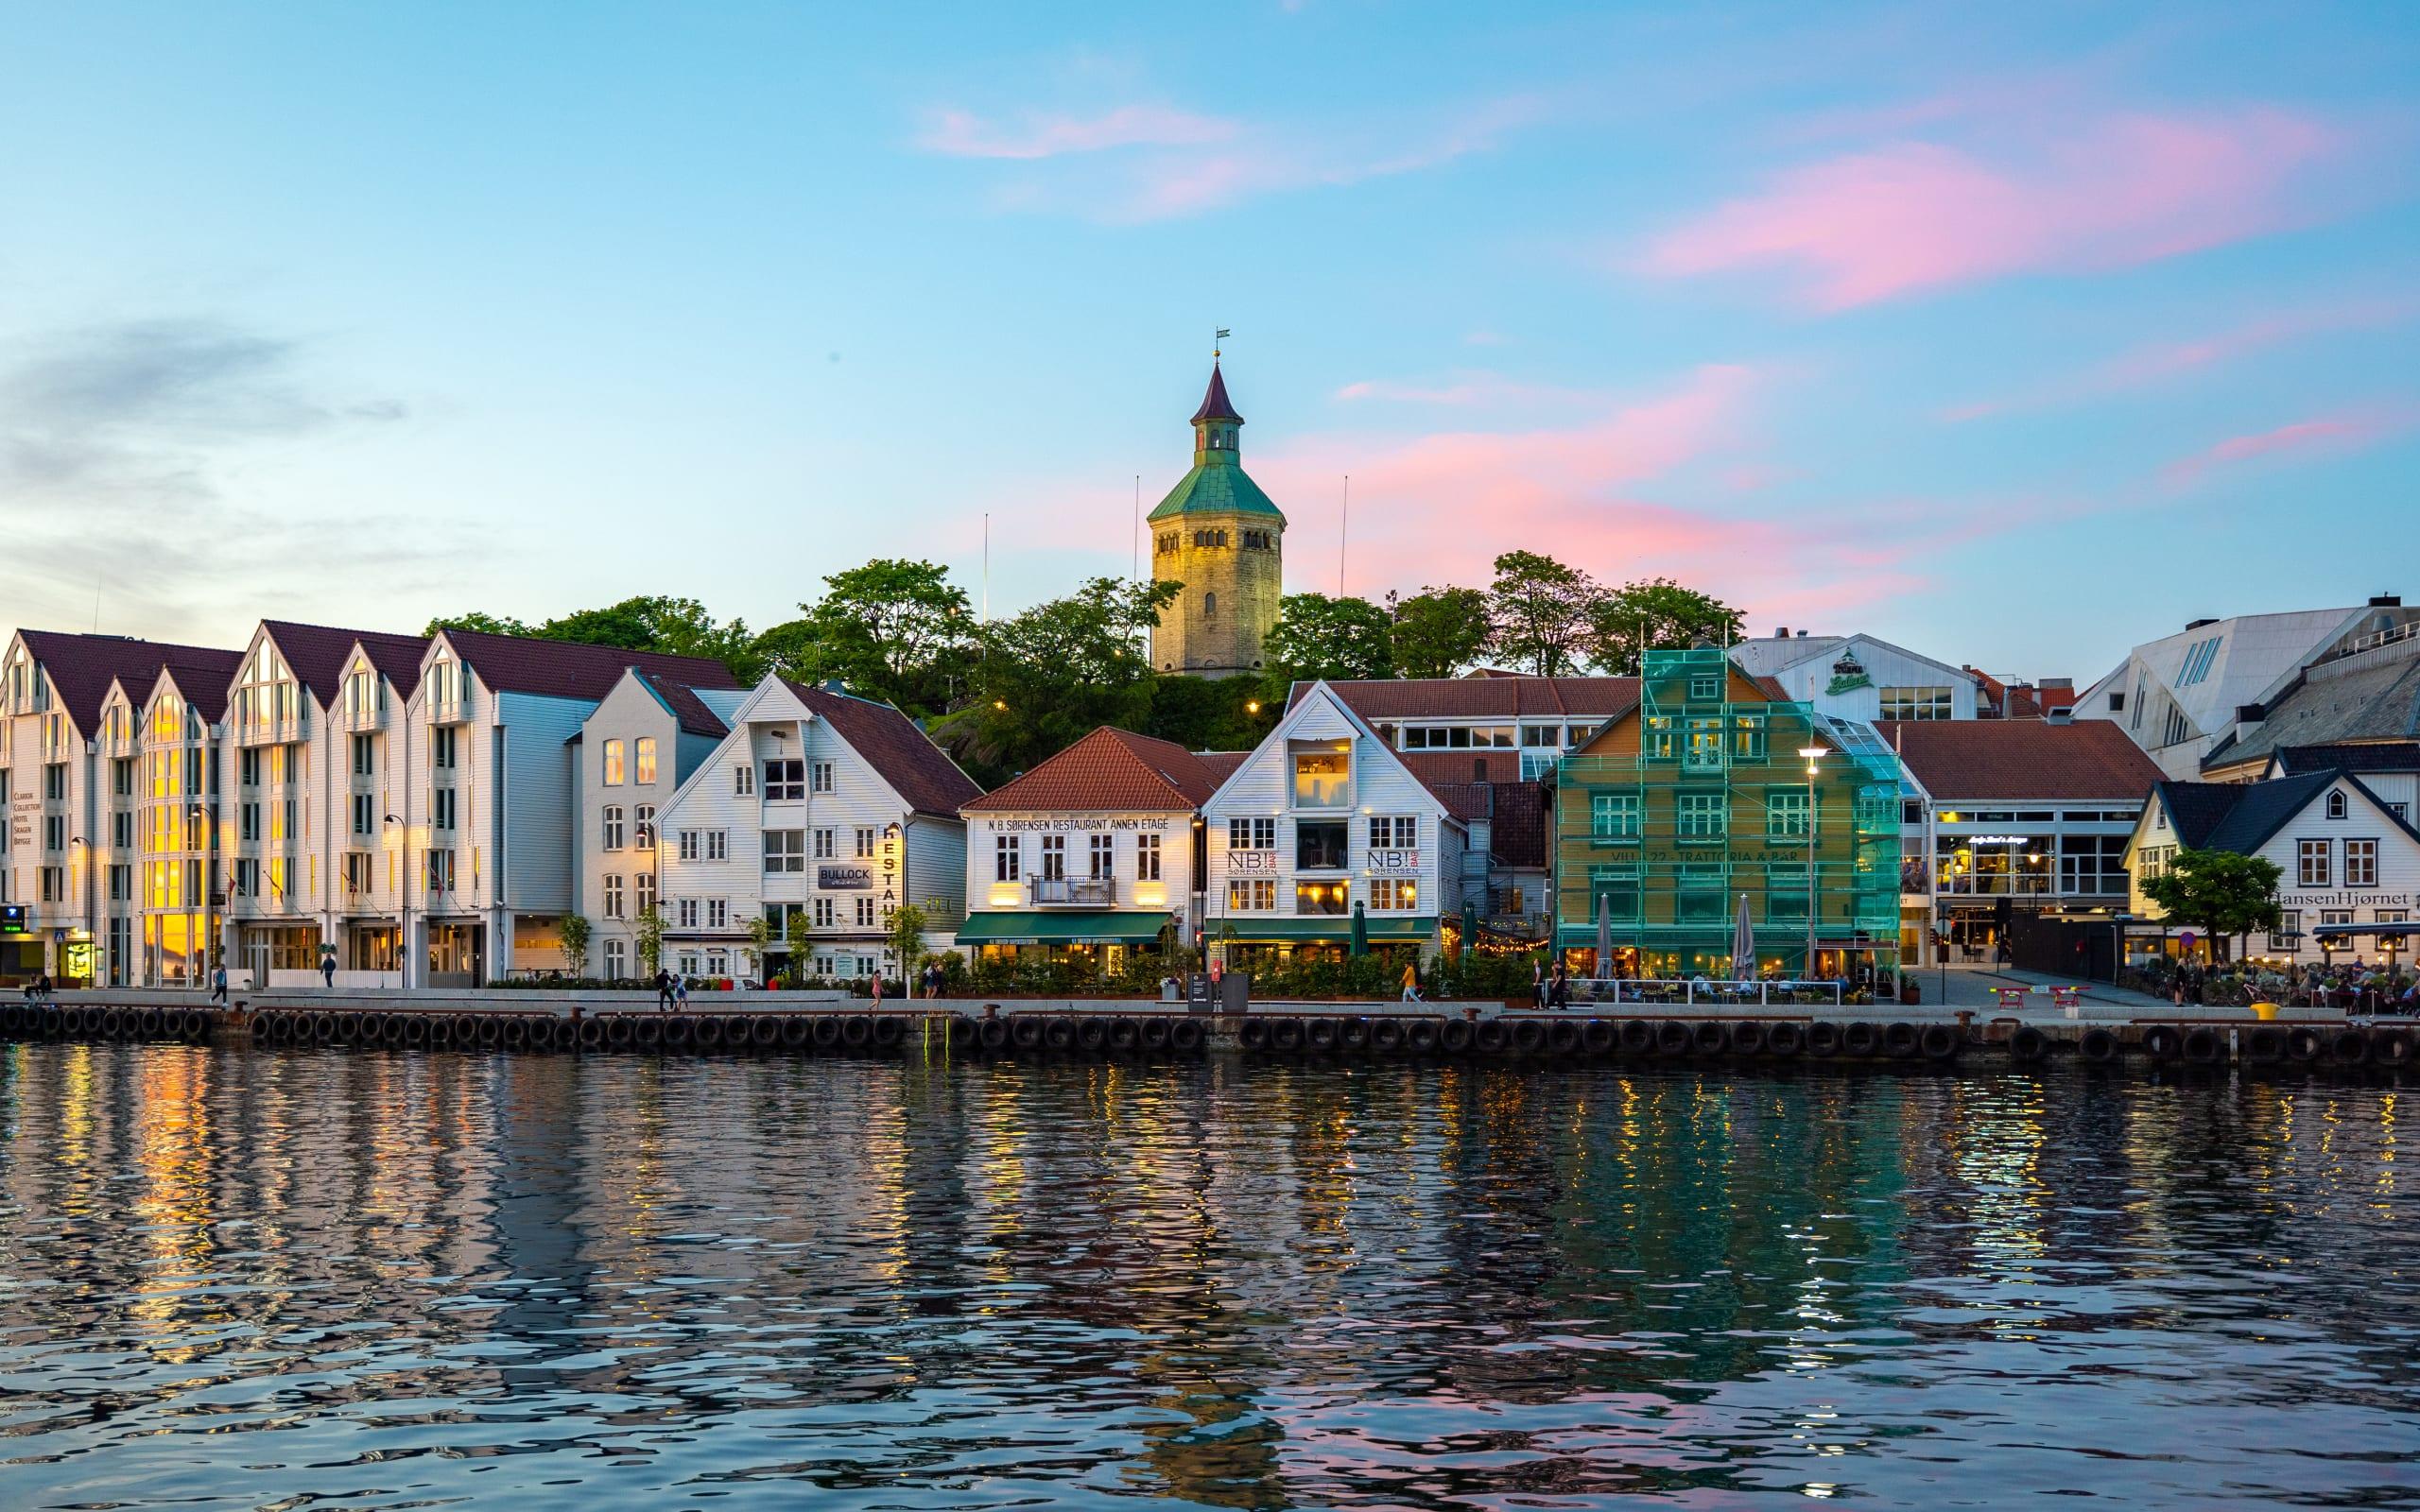 Harbor of Stavanger